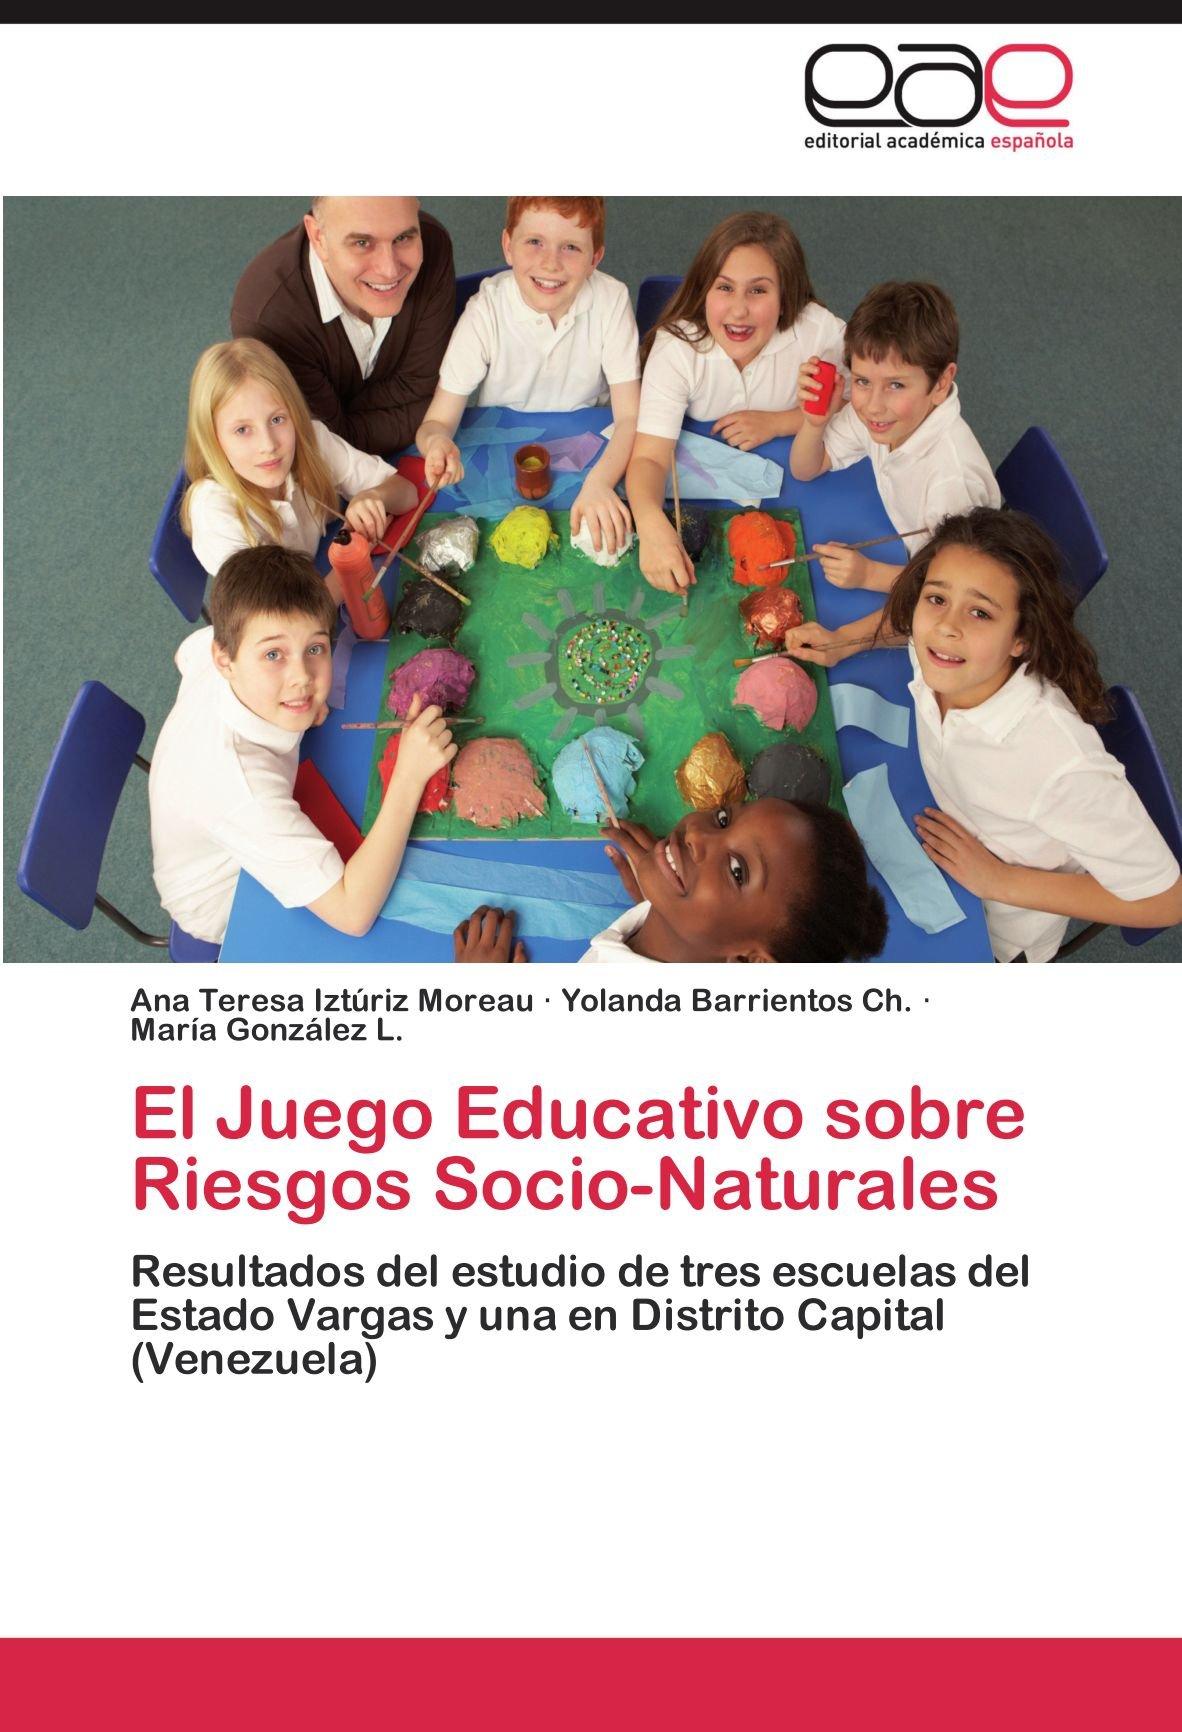 Download El Juego Educativo sobre Riesgos Socio-Naturales: Resultados del estudio de tres escuelas del Estado Vargas y una en Distrito Capital (Venezuela) (Spanish Edition) PDF